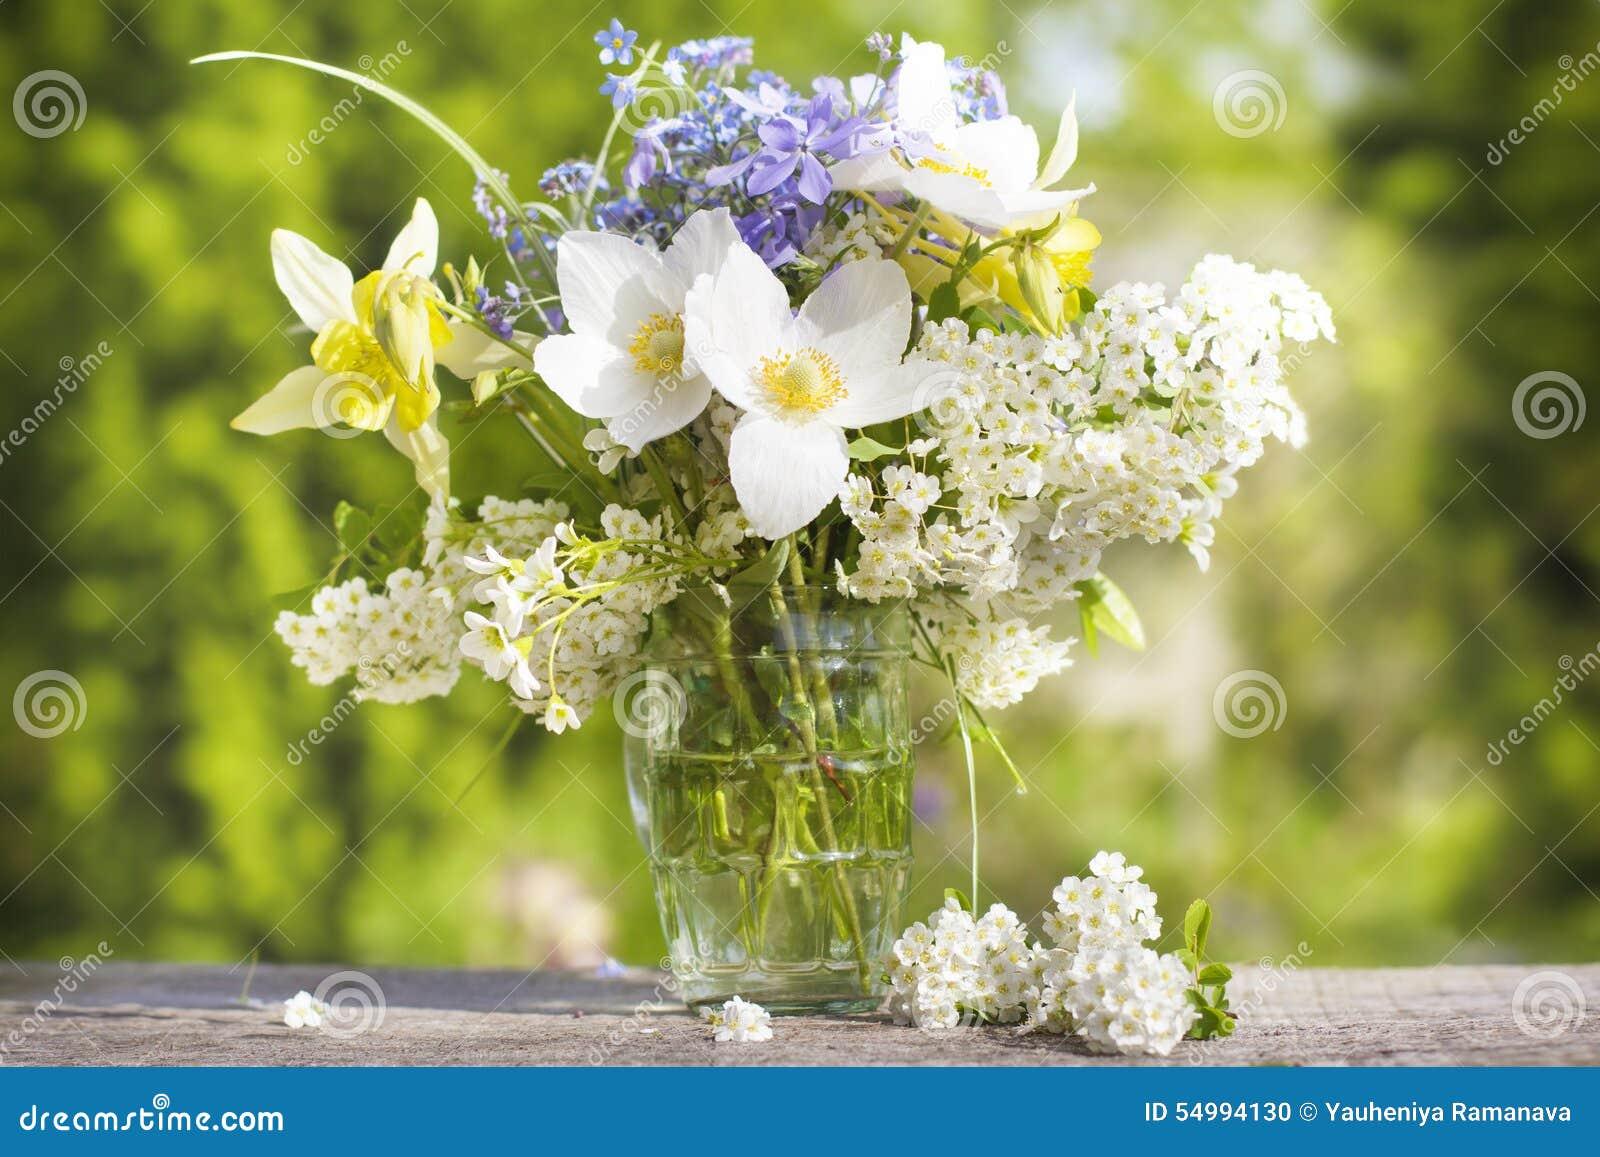 Μια ανθοδέσμη των όμορφων λουλουδιών ενάντια σε έναν πράσινο κήπο